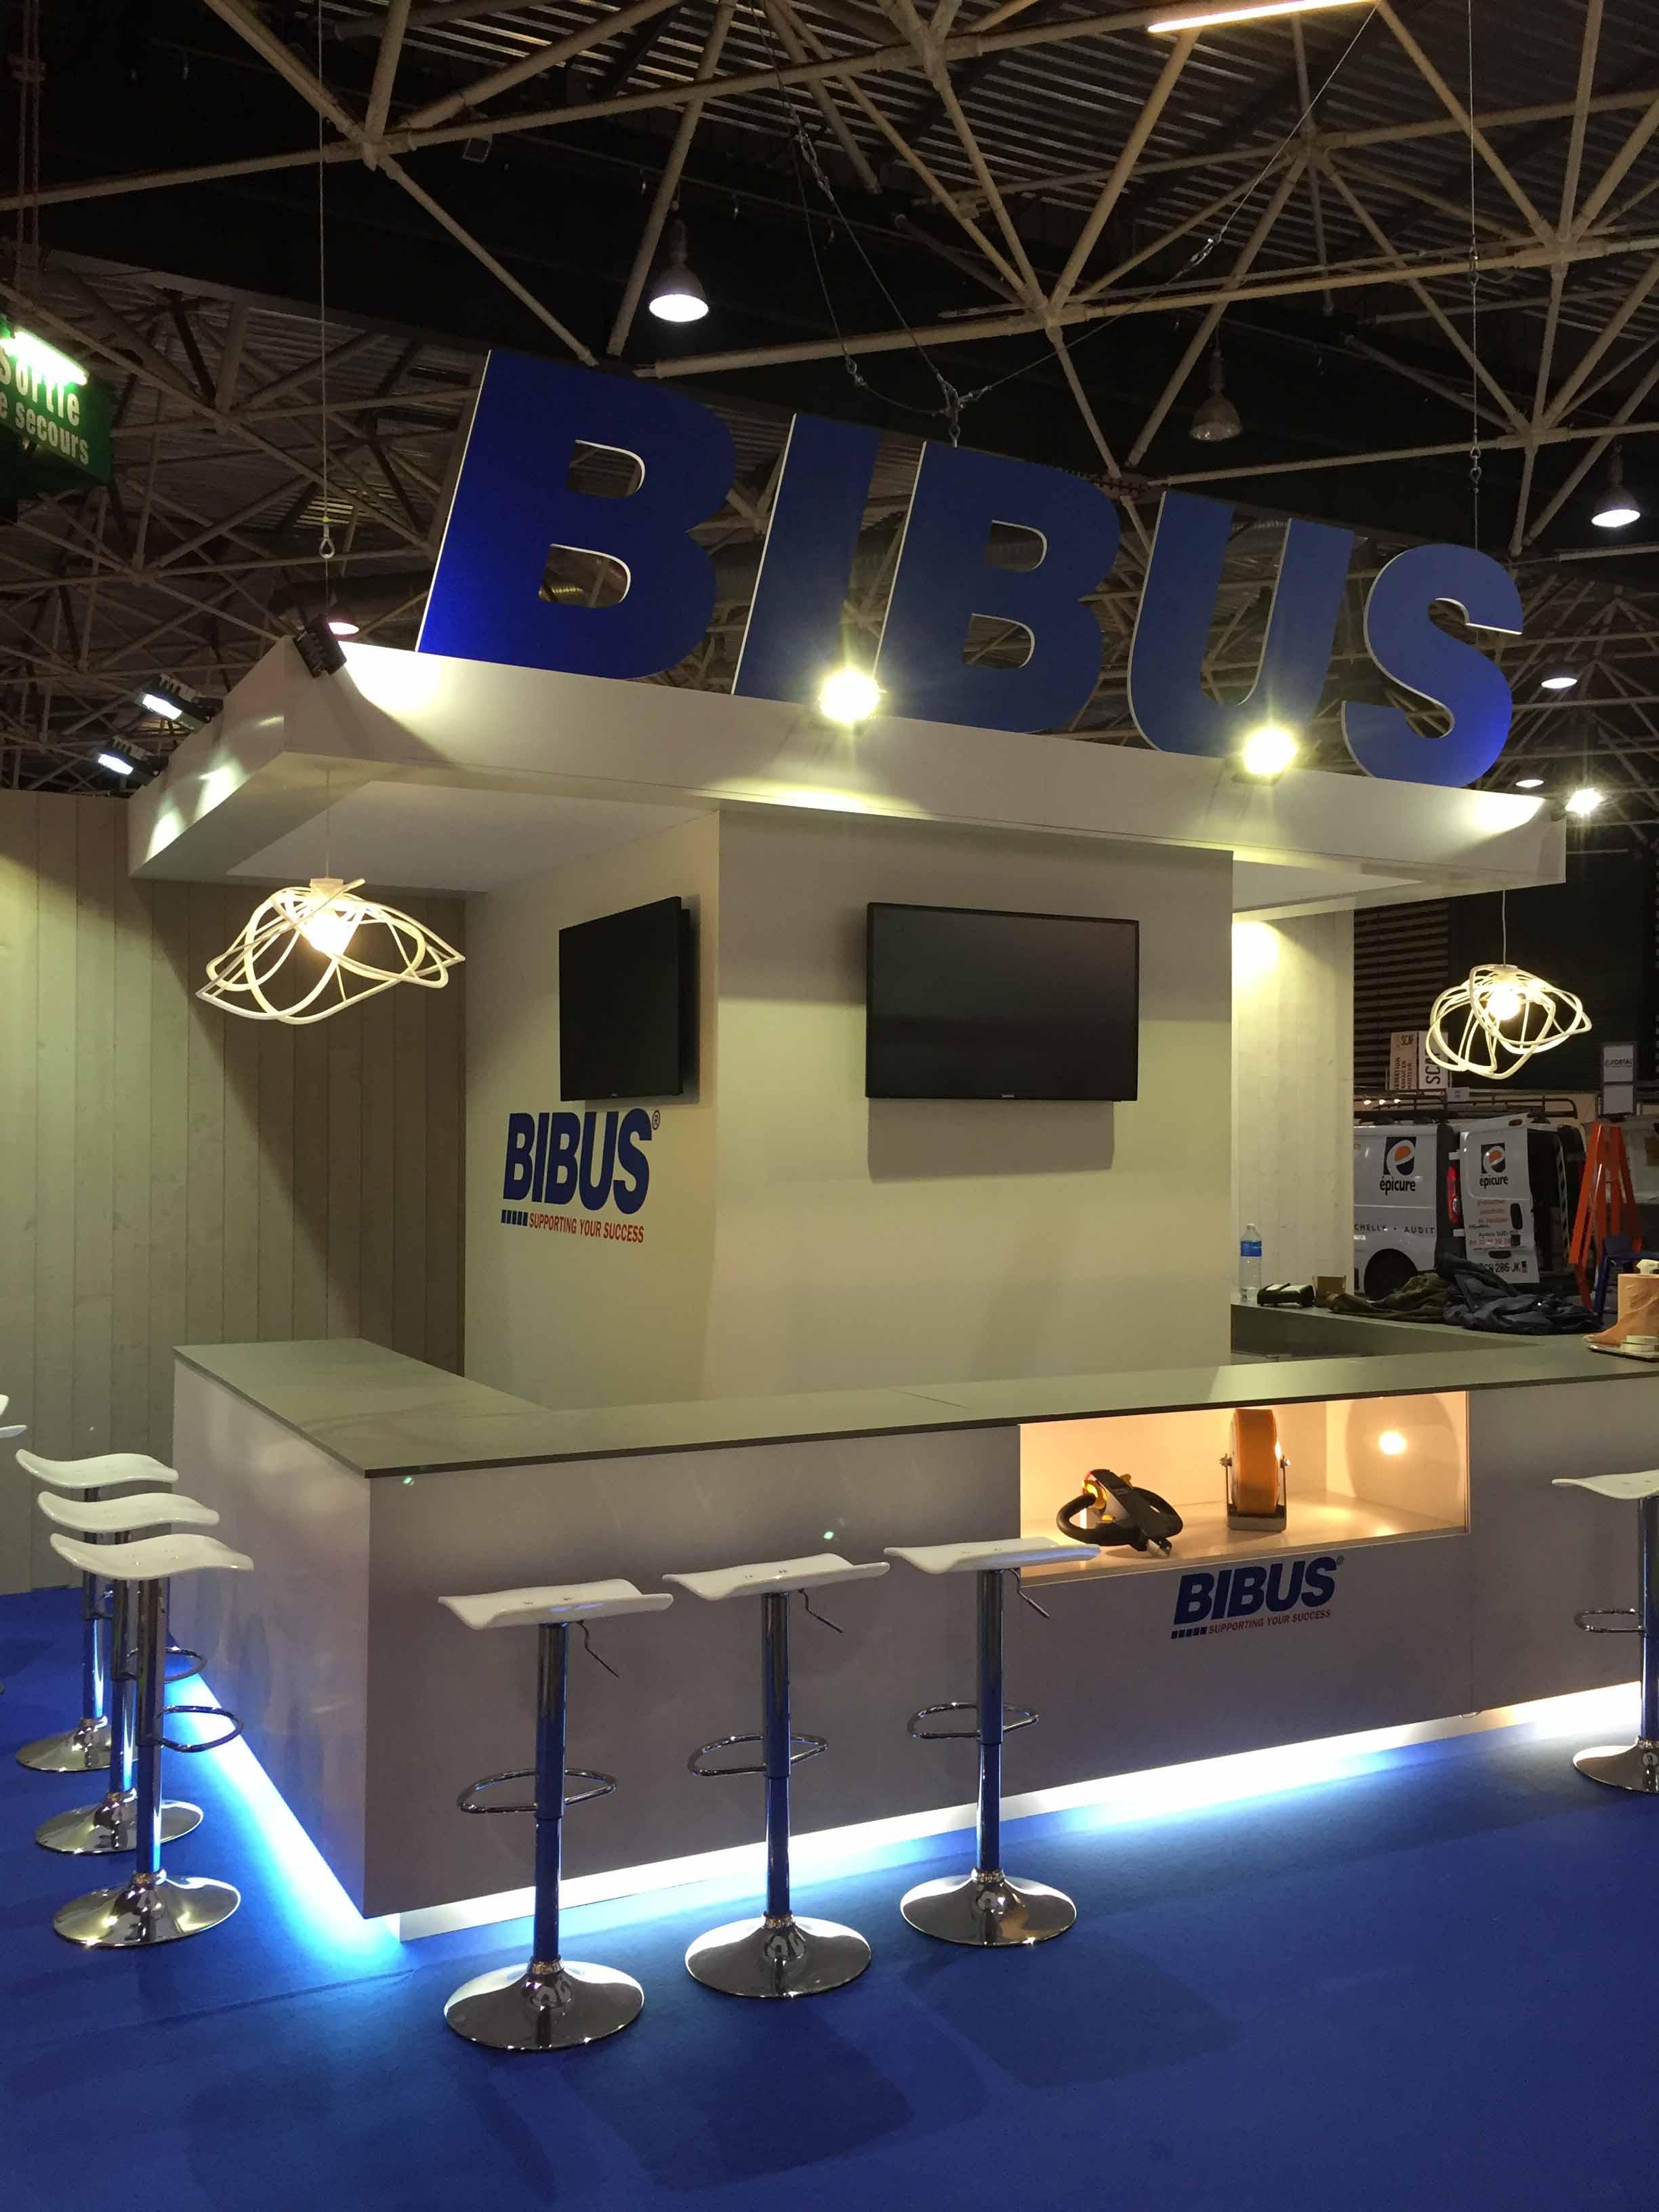 Bibus preventica 2015 capsule concept for Standiste lyon